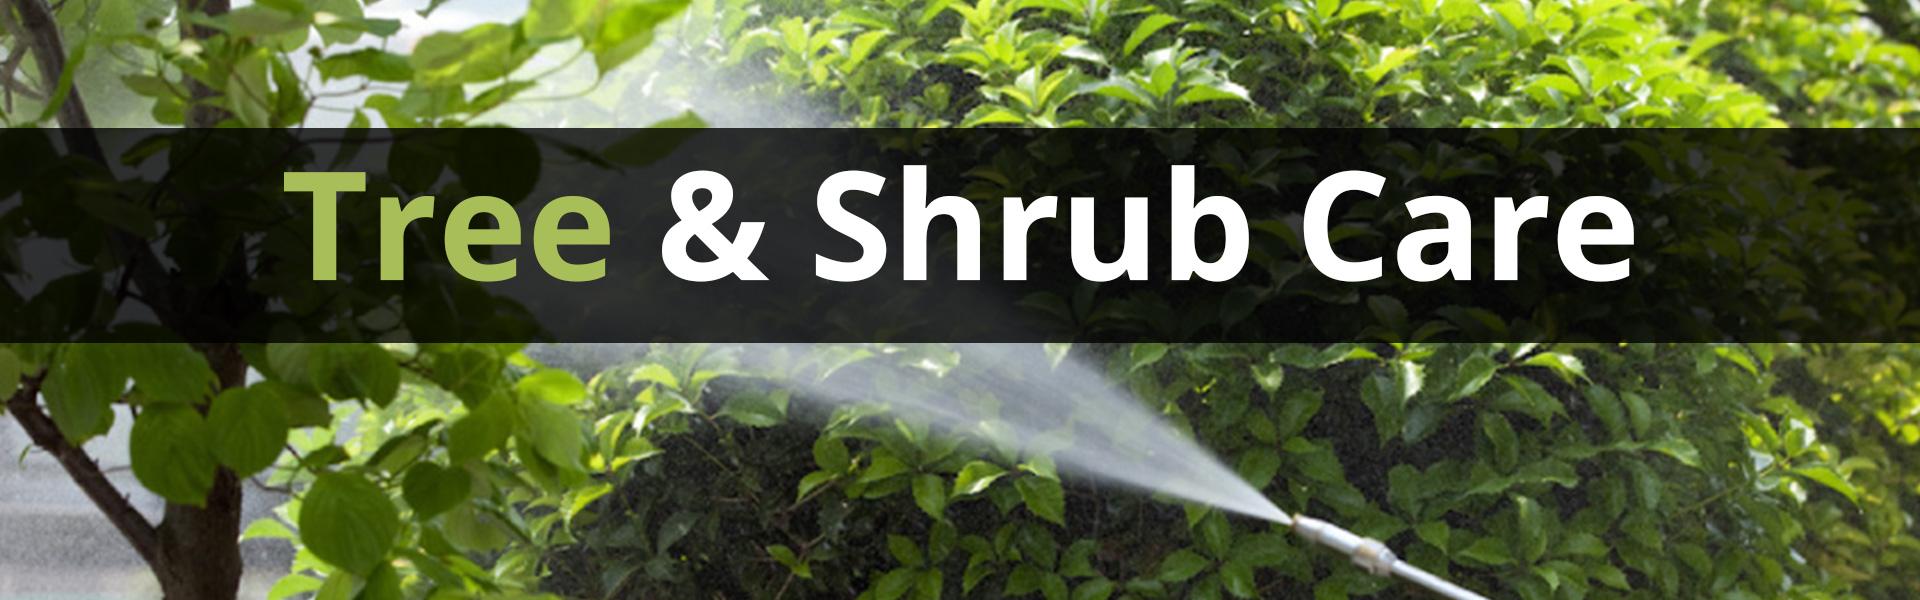 trett and shrub care